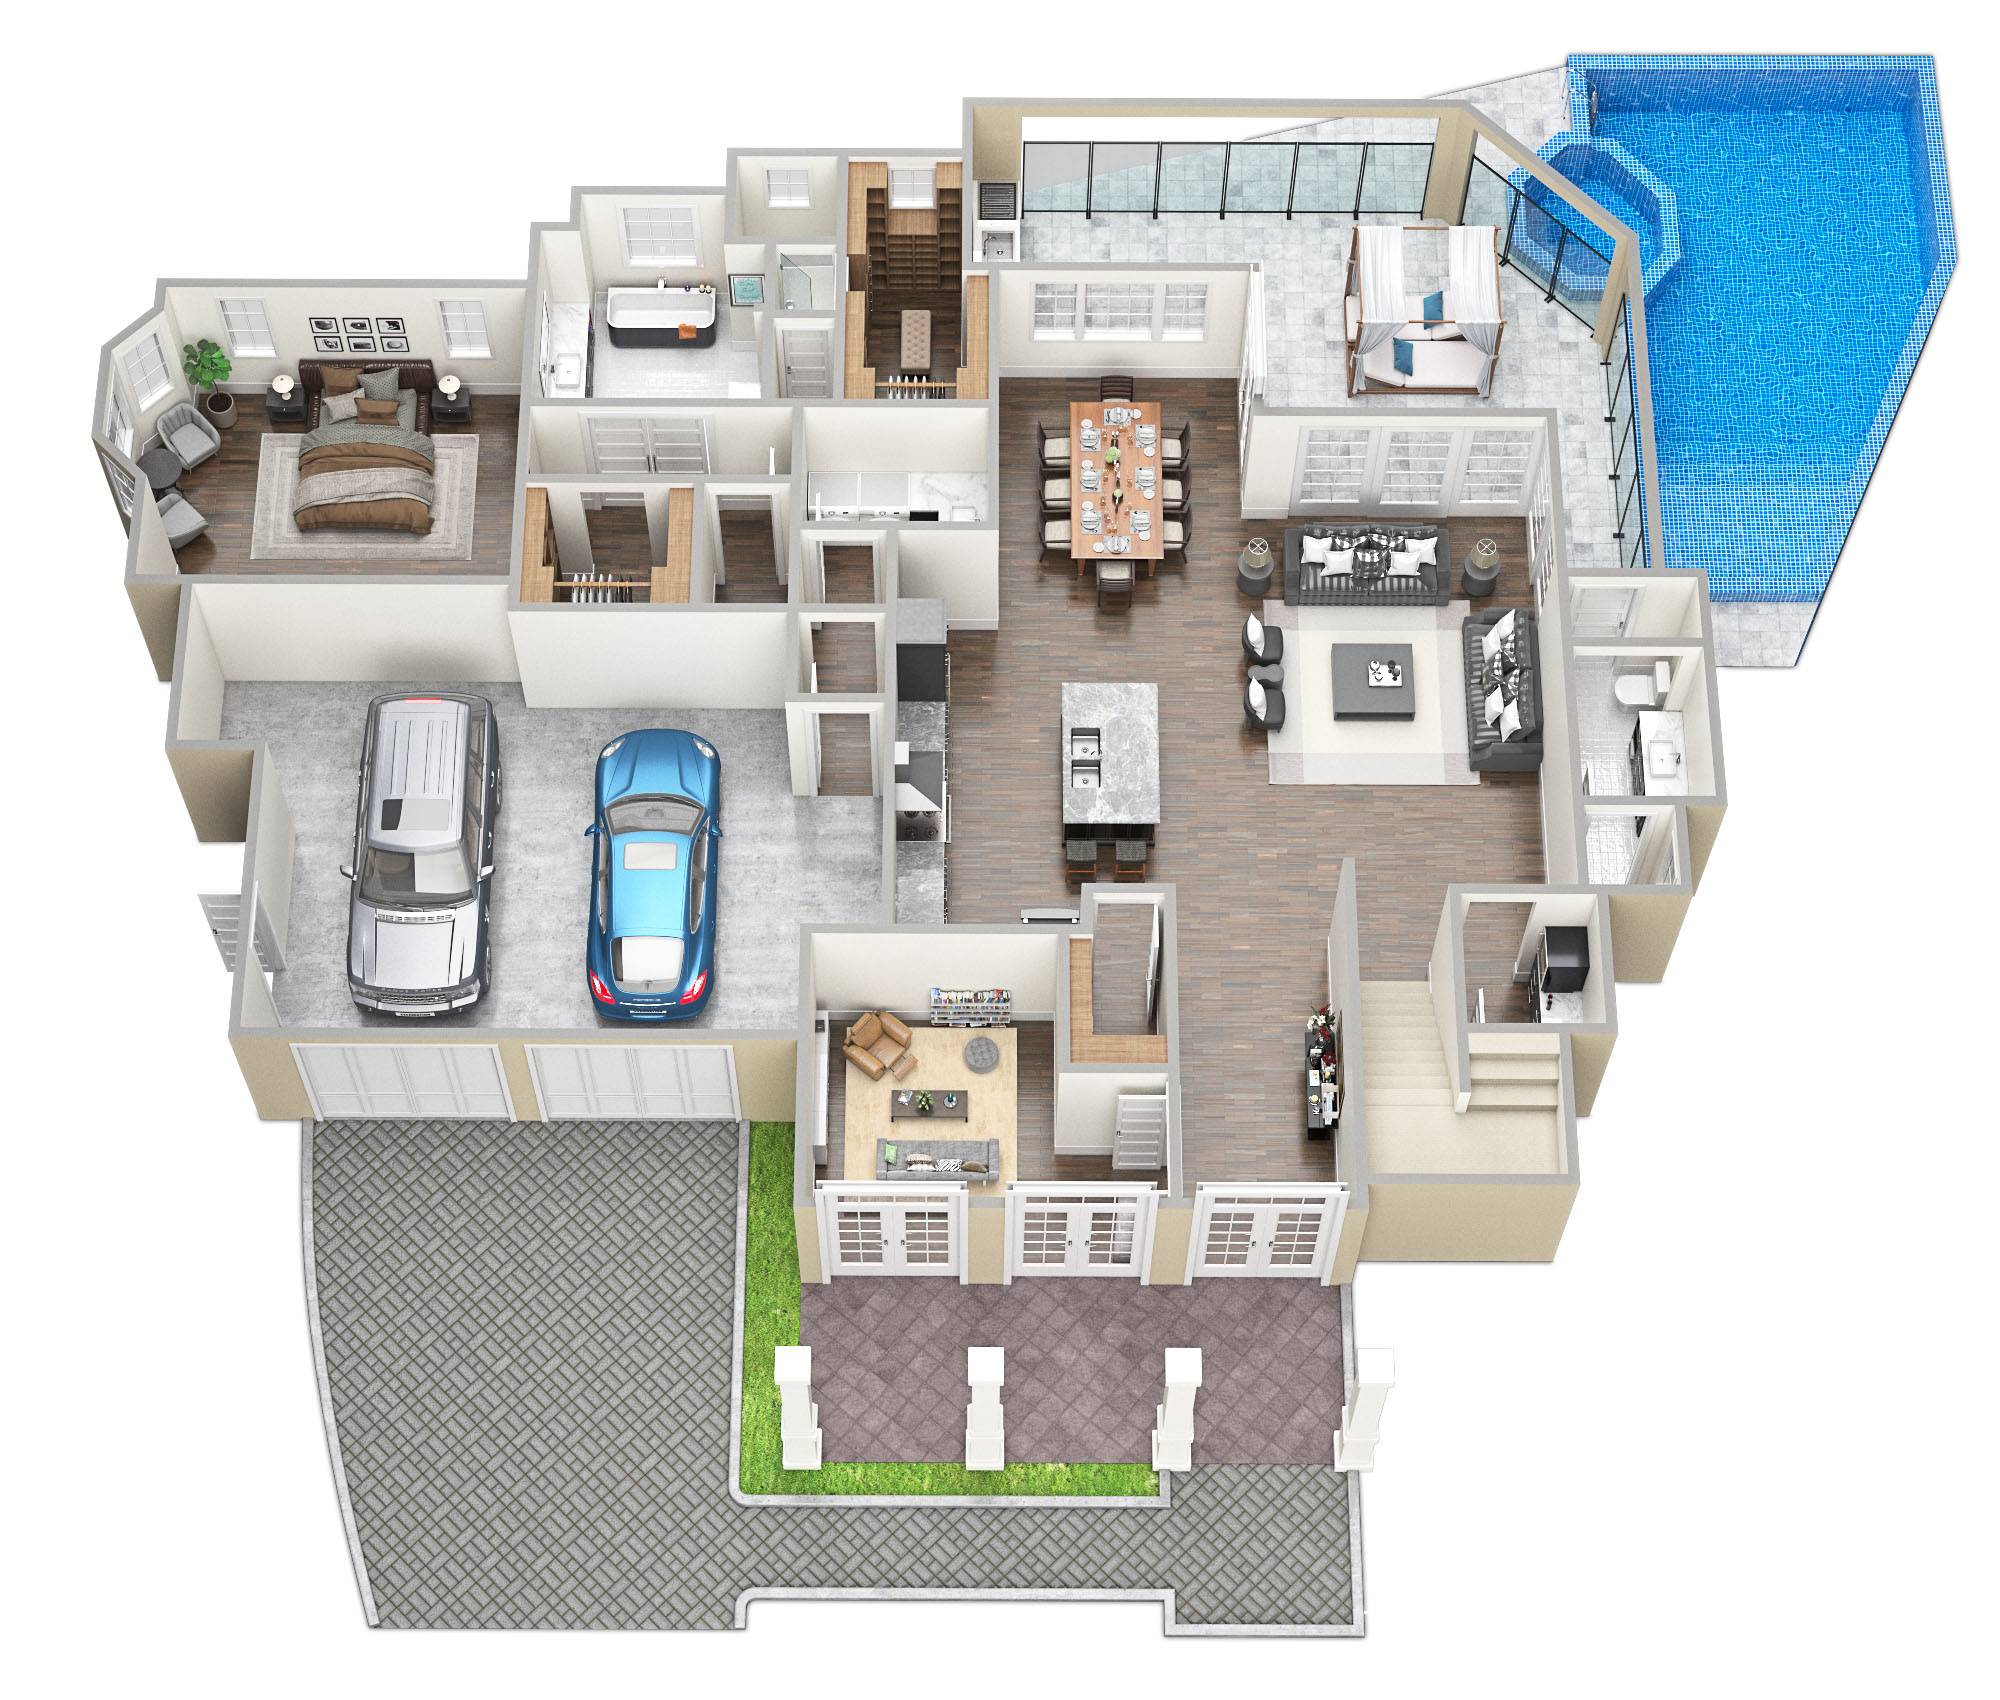 SawyerSound Weston 1st floor 3D floorplan by Tsymbals